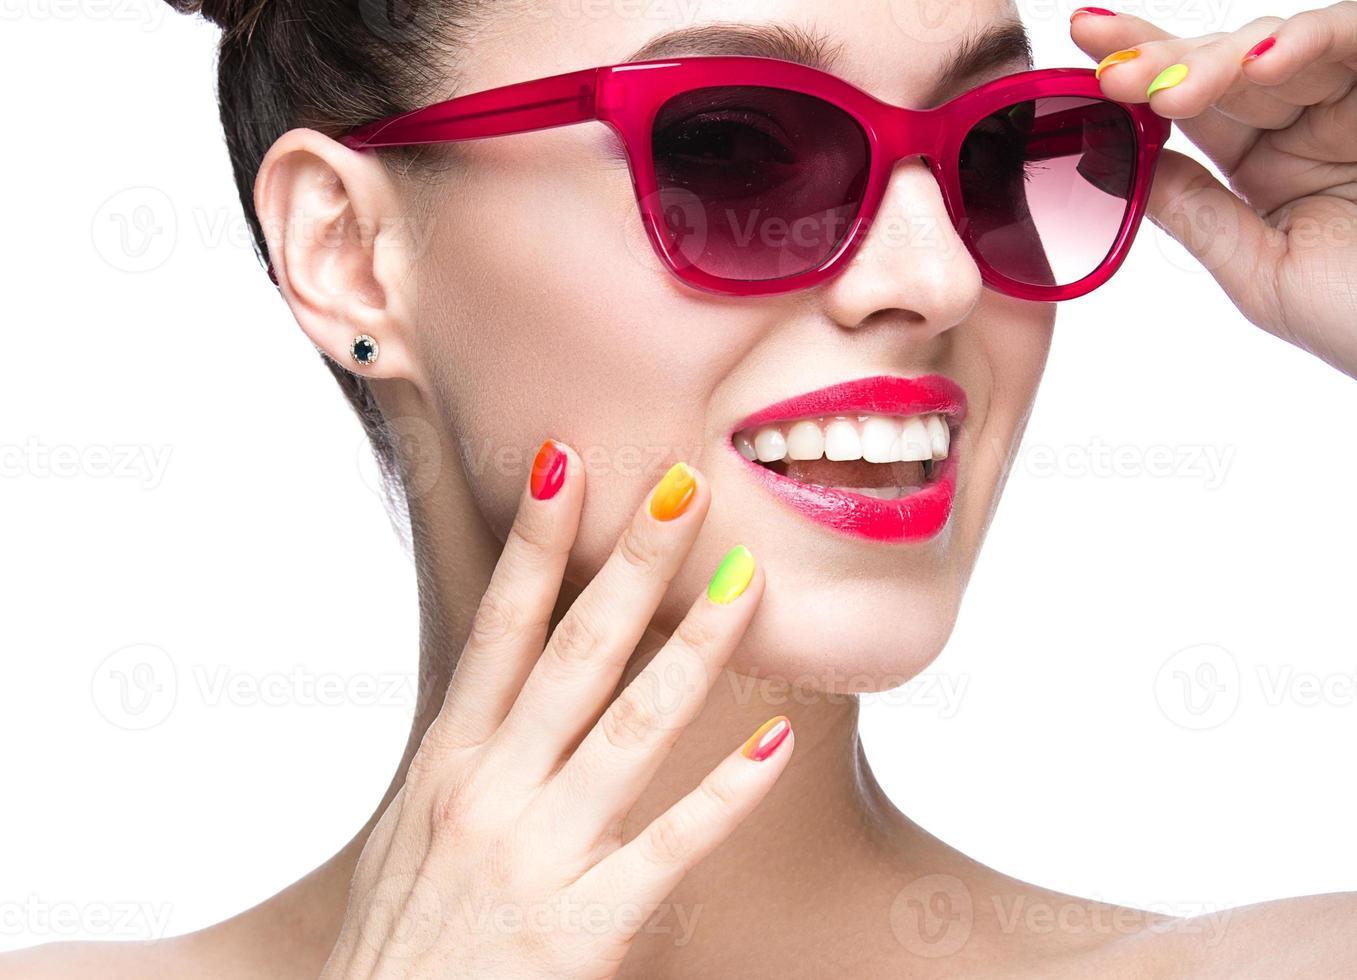 flicka i röda solglasögon med ljus makeup och färgglada naglar. foto